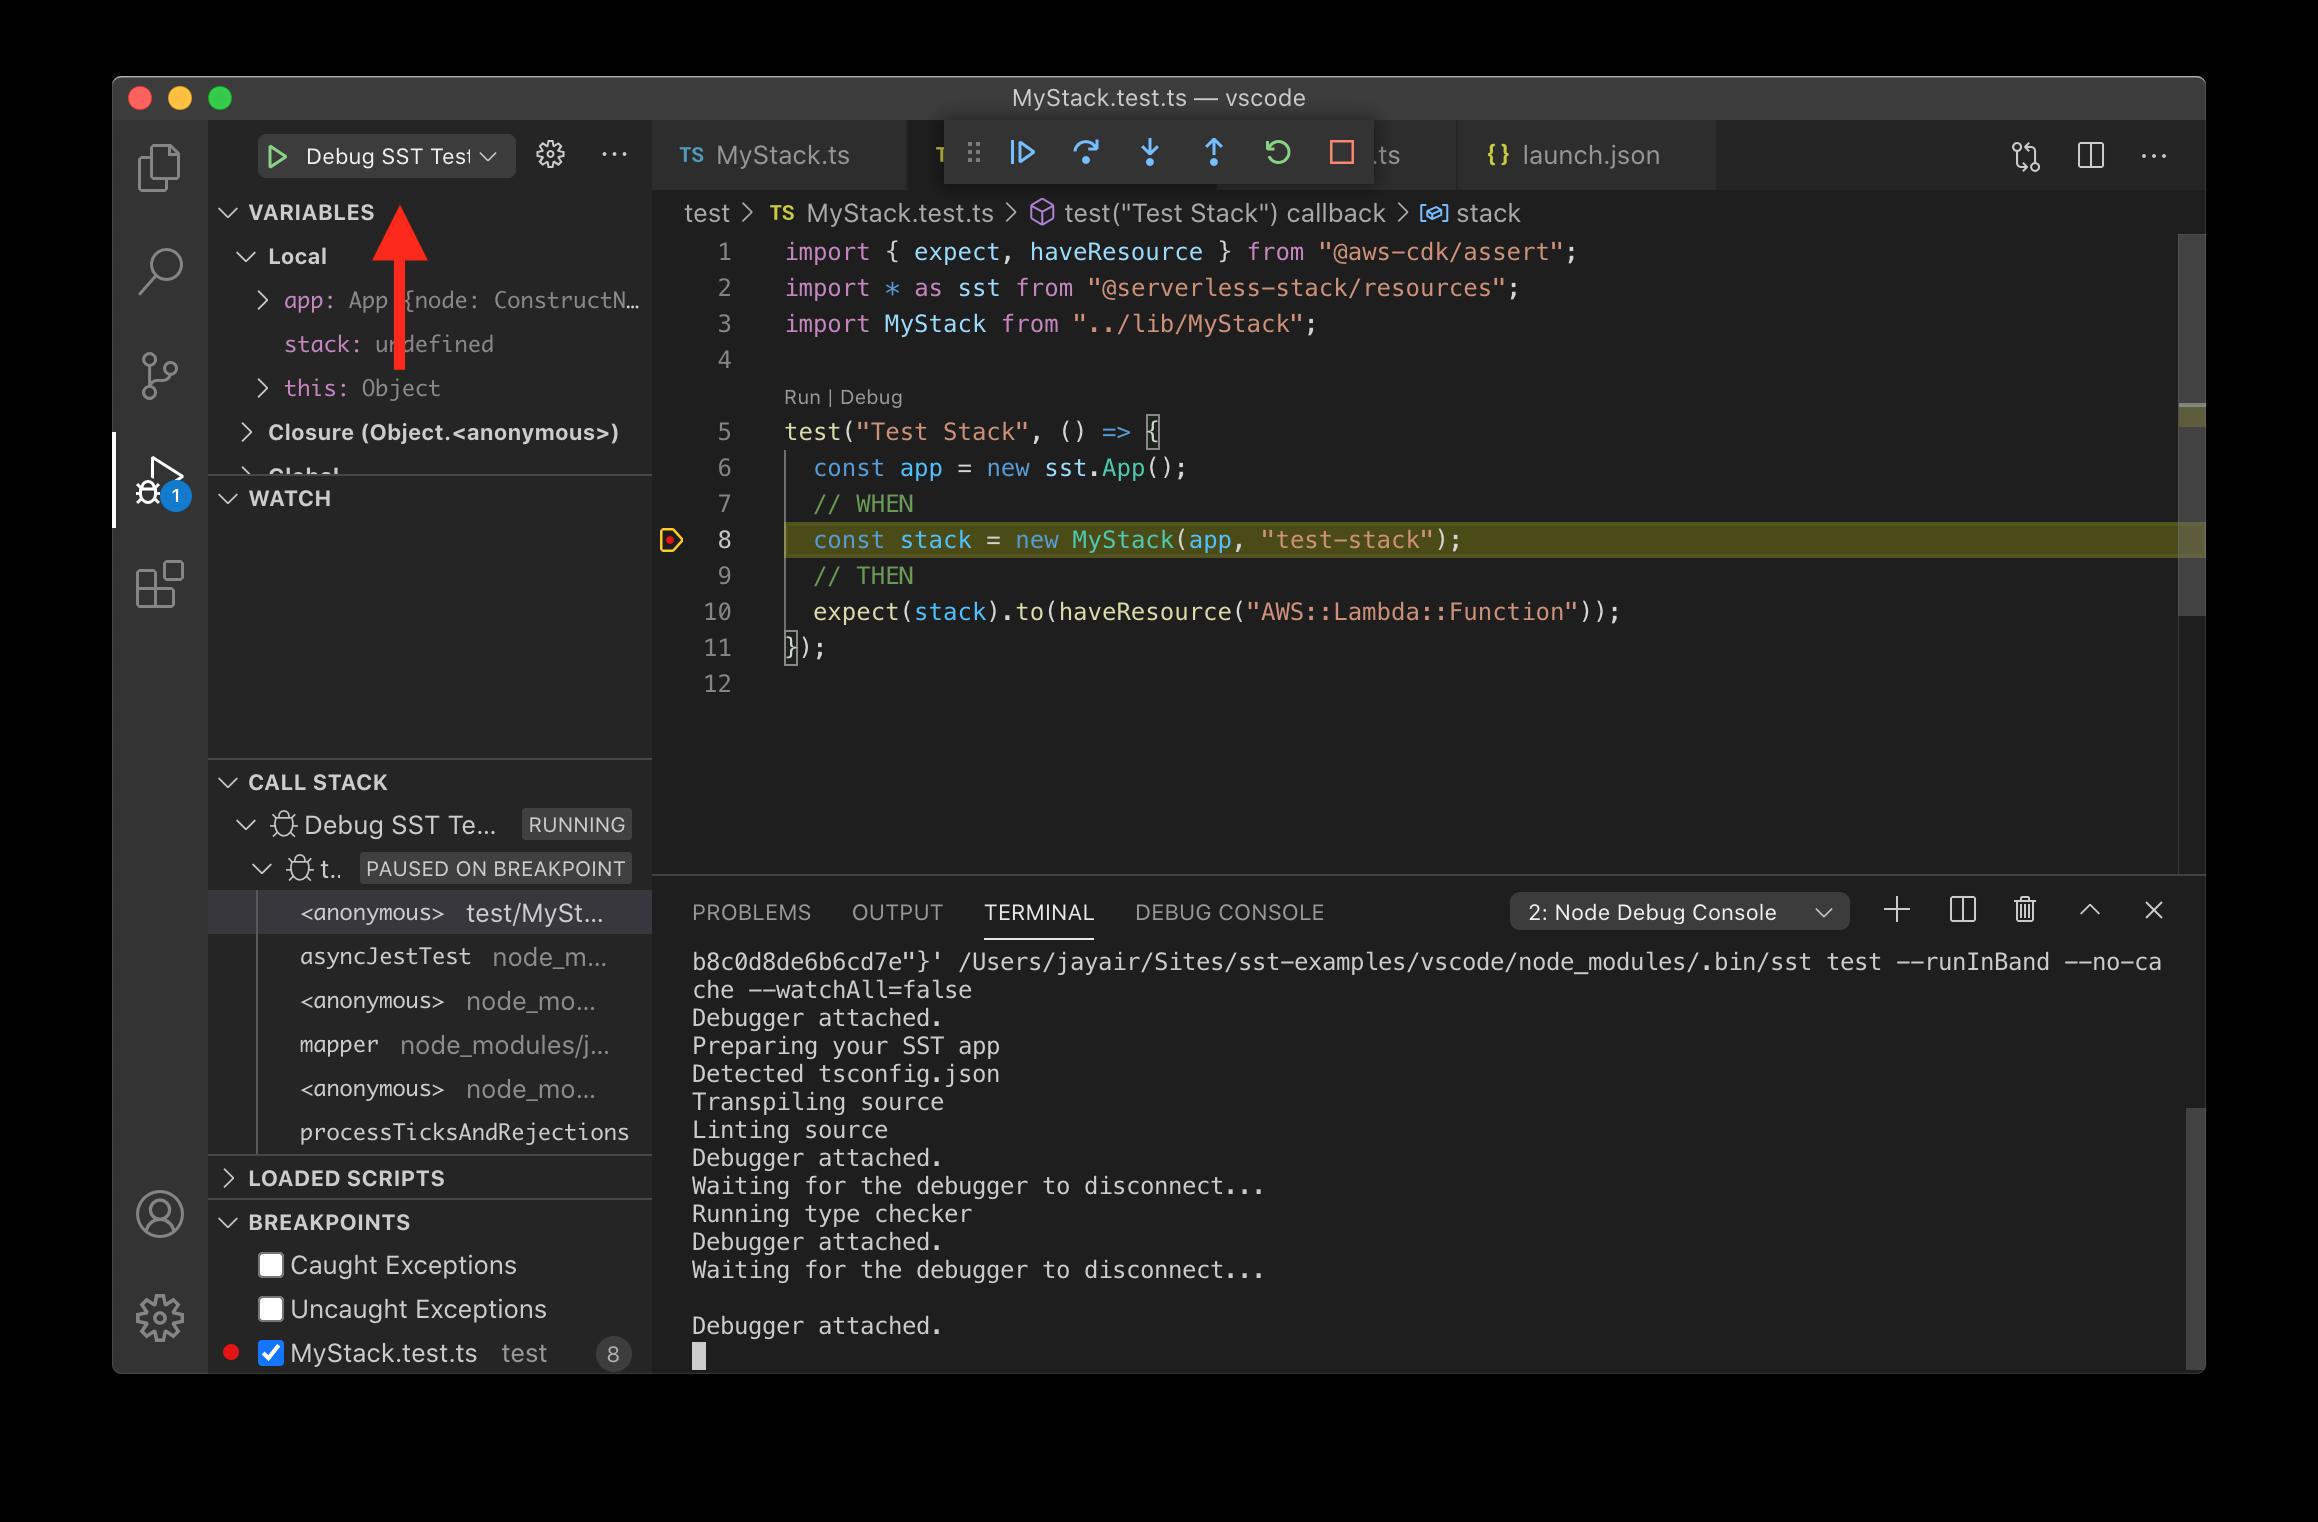 VS Code debug SST tests